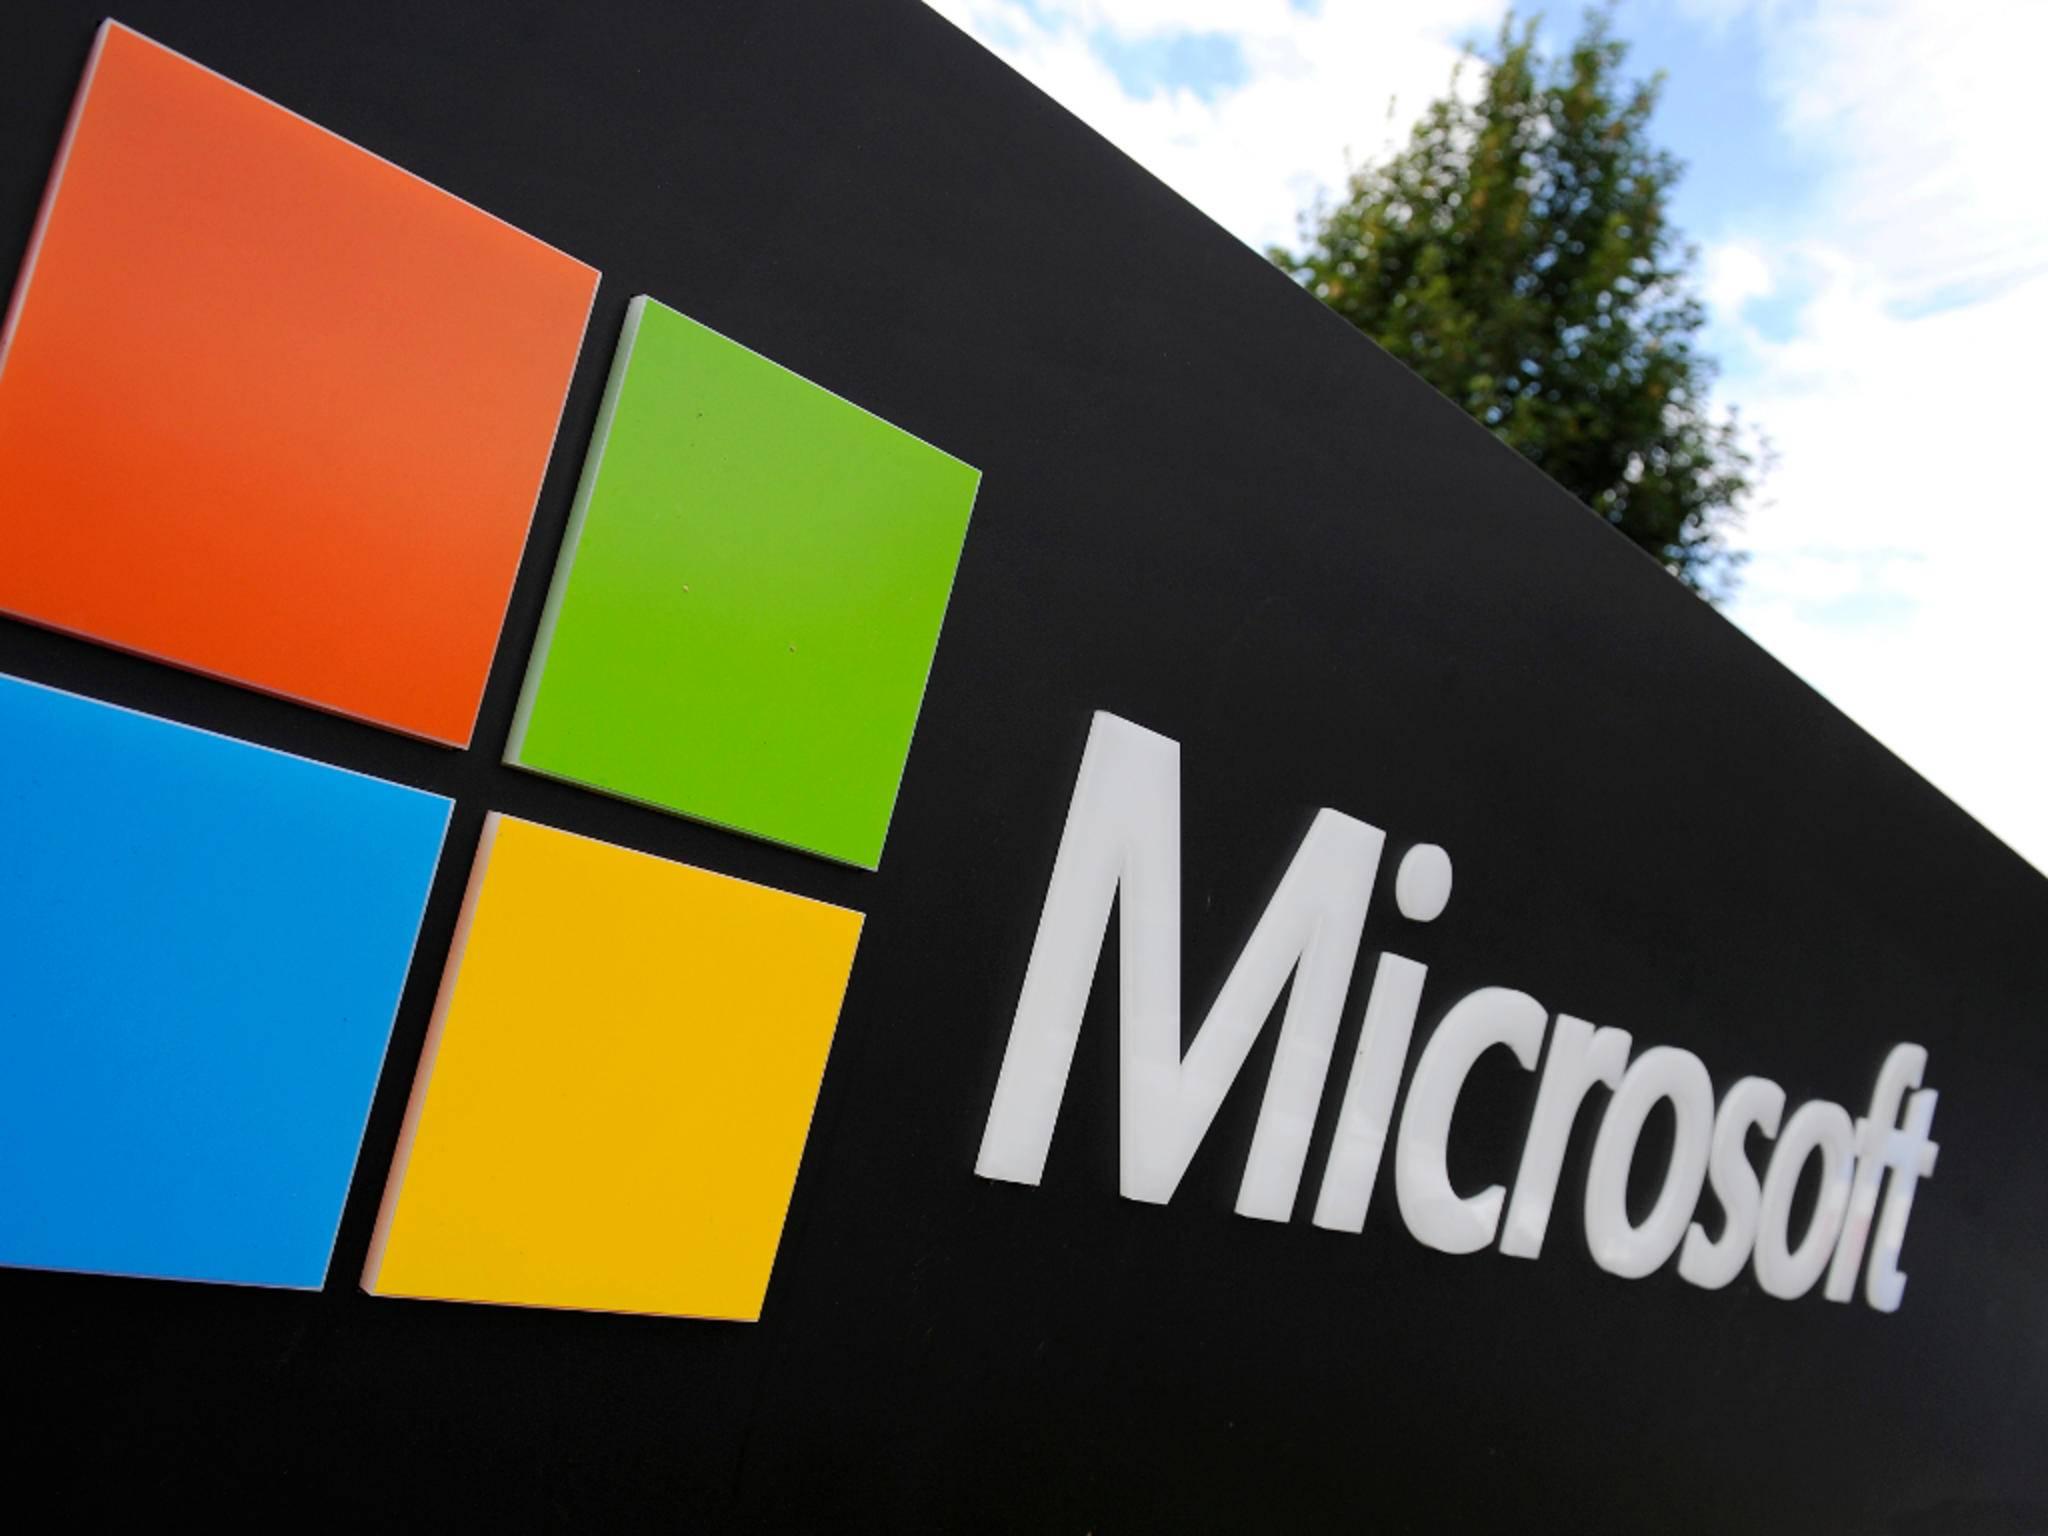 Microsoft stellt am Dienstag in New York neue Windows 10-Geräte vor.